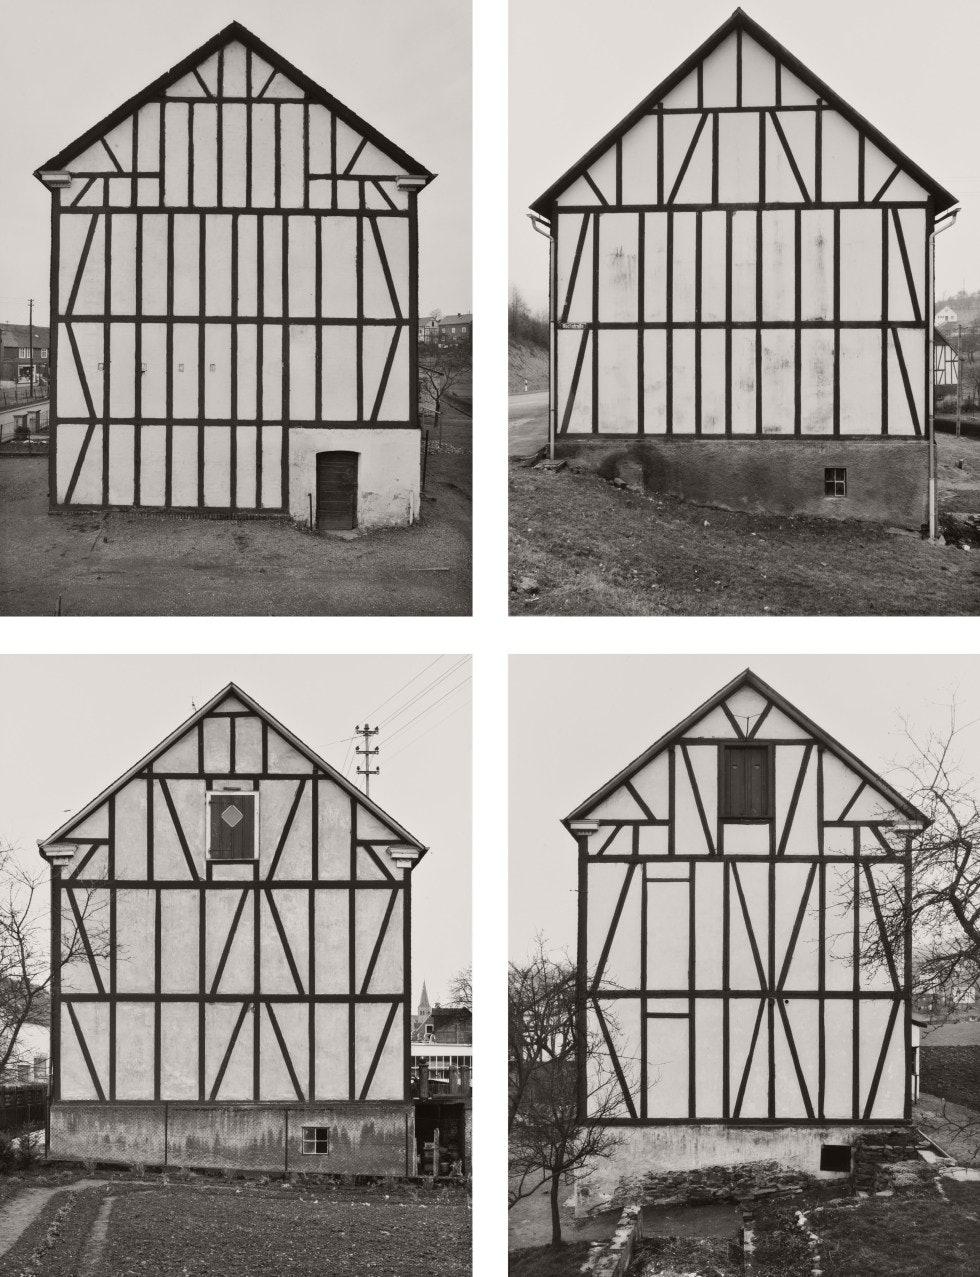 Framework Houses, Siegen District, Germany